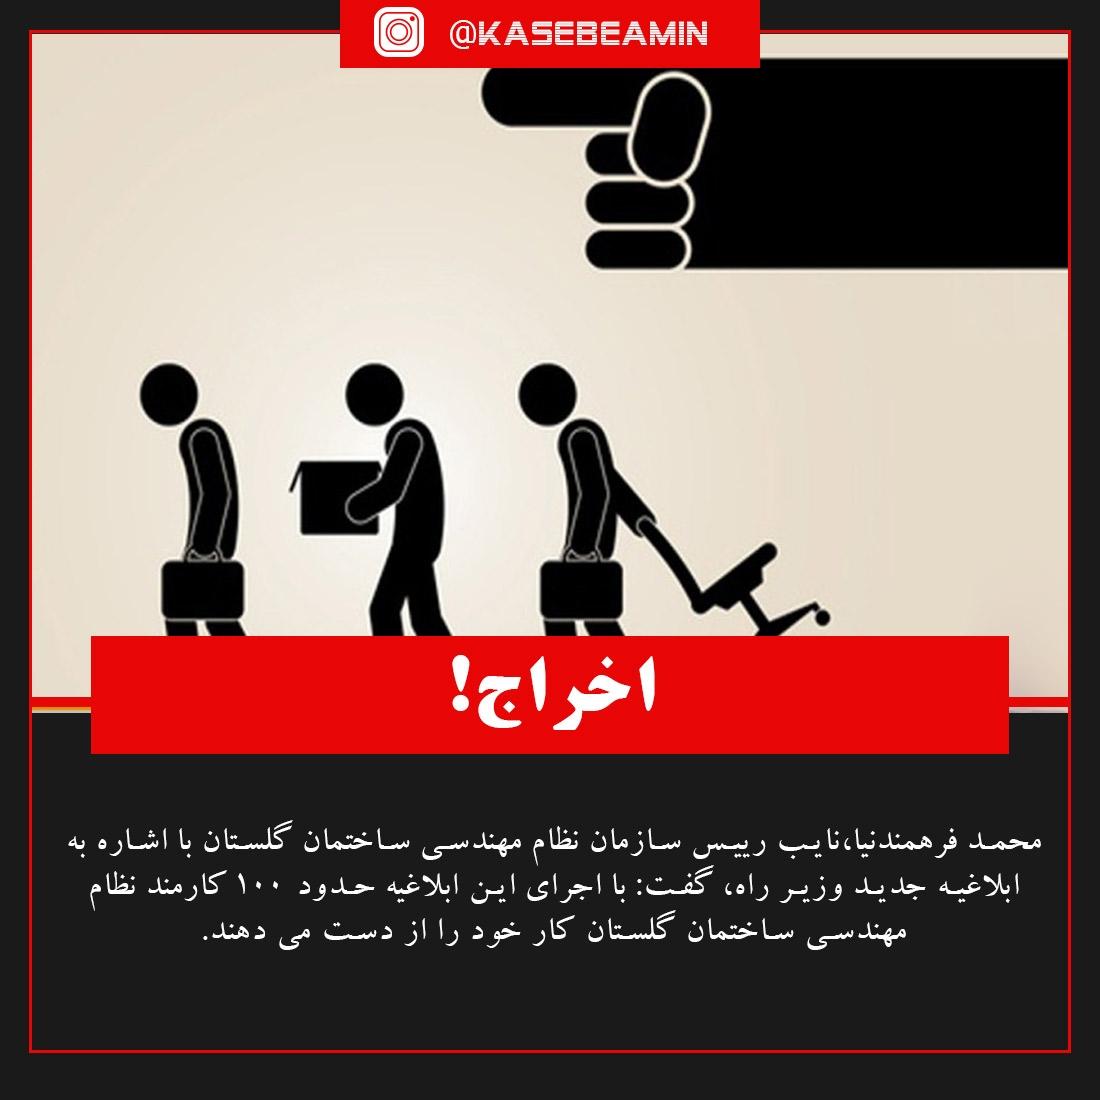 بی تدبیری دولت در گلستان تا اخراج نیرو ها7